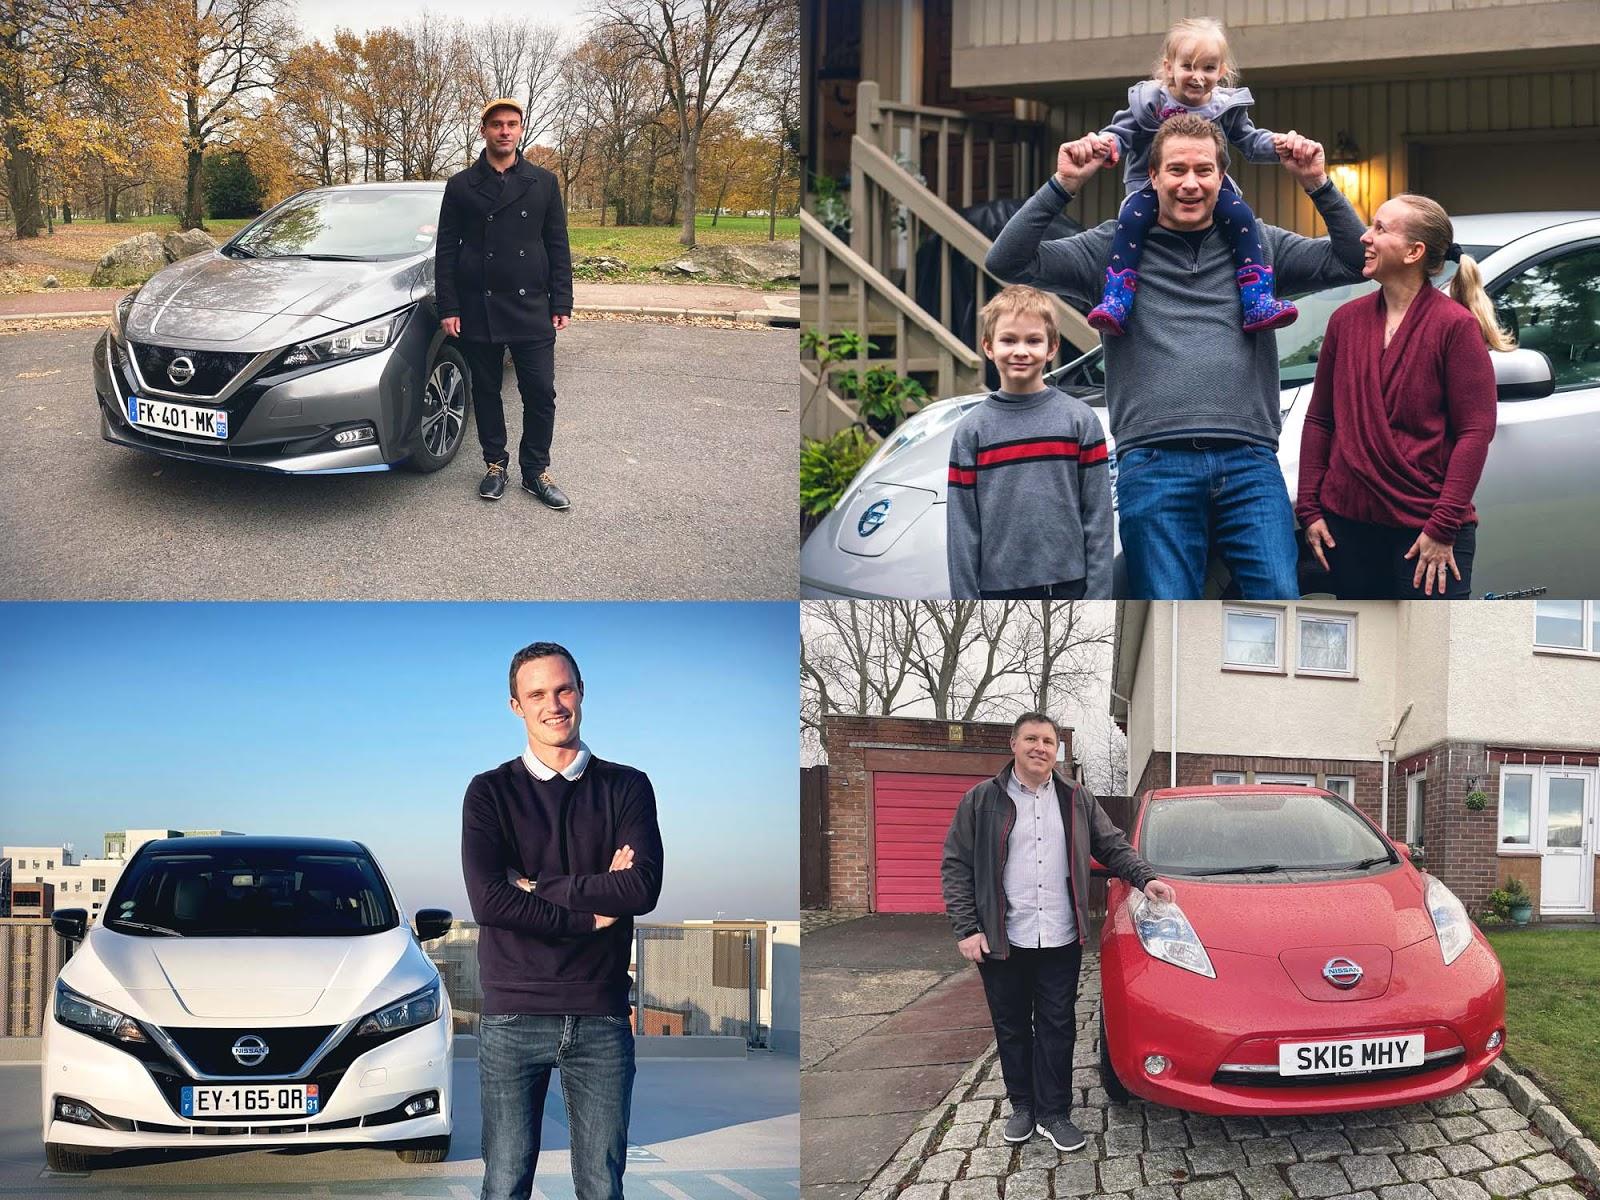 collage 1 Nissan : Το 70% των Ευρωπαίων οδηγών, σκέφτεται σοβαρά το επόμενο τους αυτοκίνητο, να είναι ηλεκτρικό Electric cars, electric vehicles, EV, Nissan, ειδήσεις, ηλεκτρικά, ηλεκτροκινηση